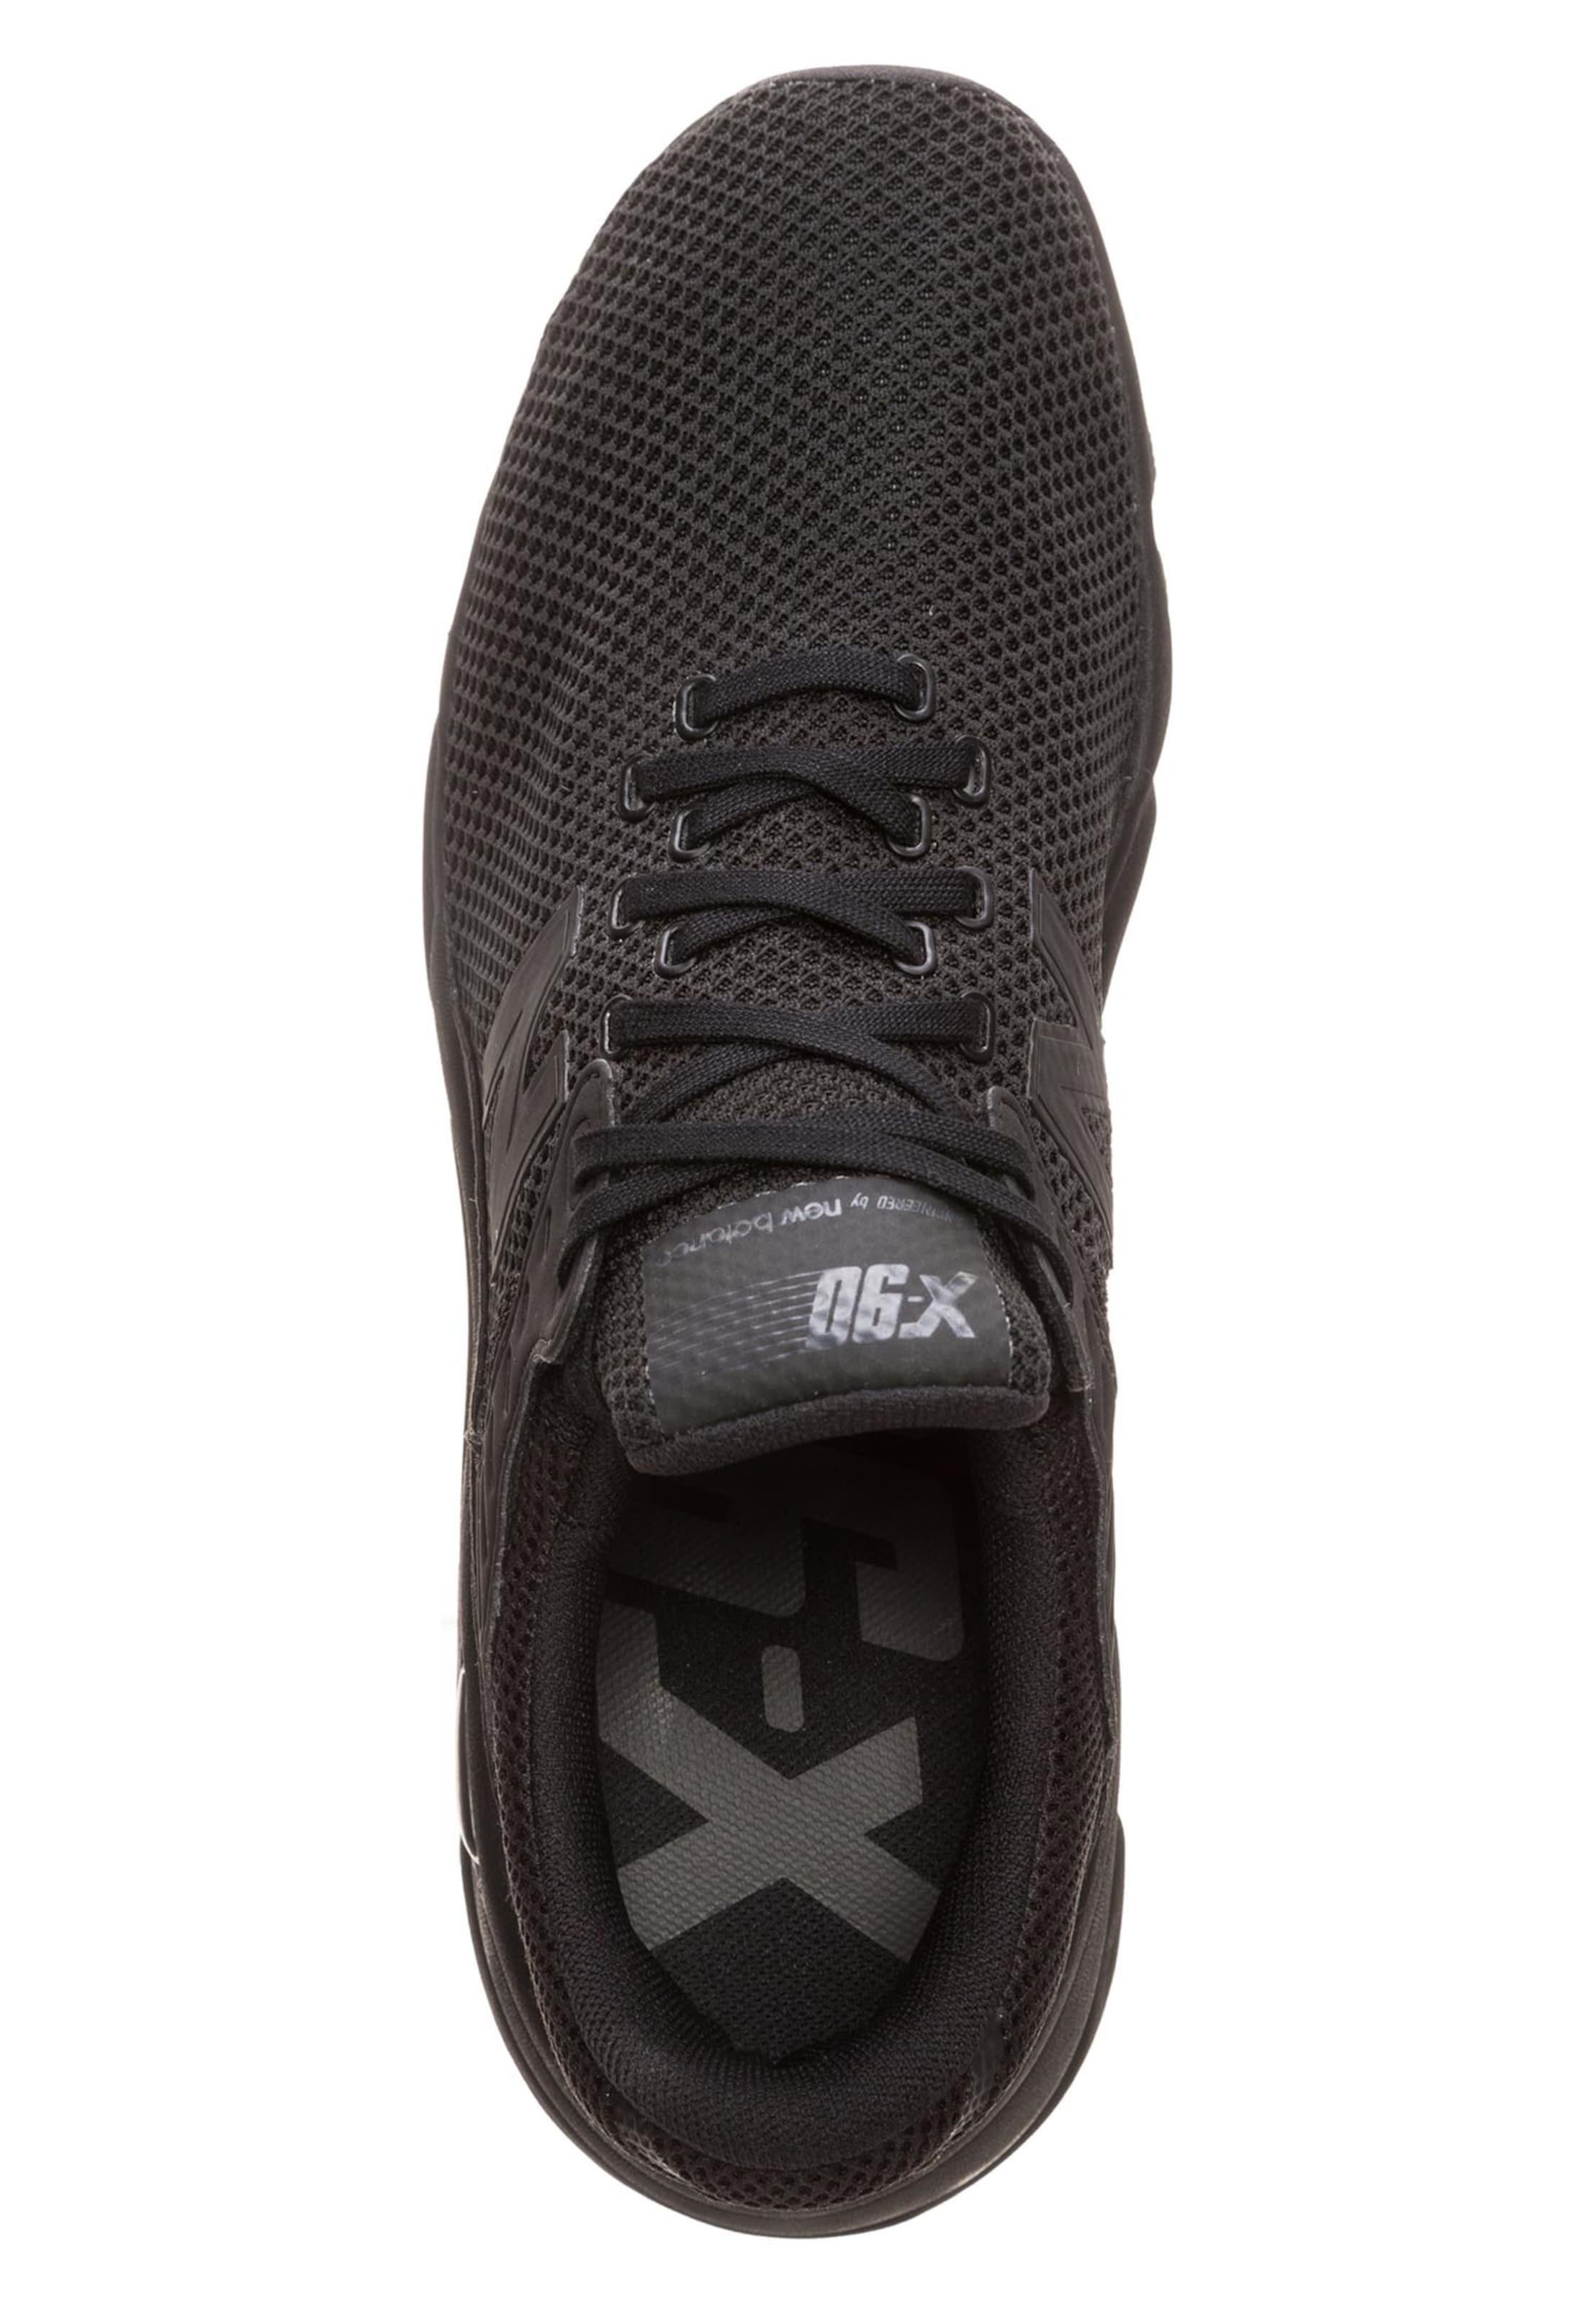 cre 'msx90 Schwarz New Sneaker d' Balance In pqVGSUzM